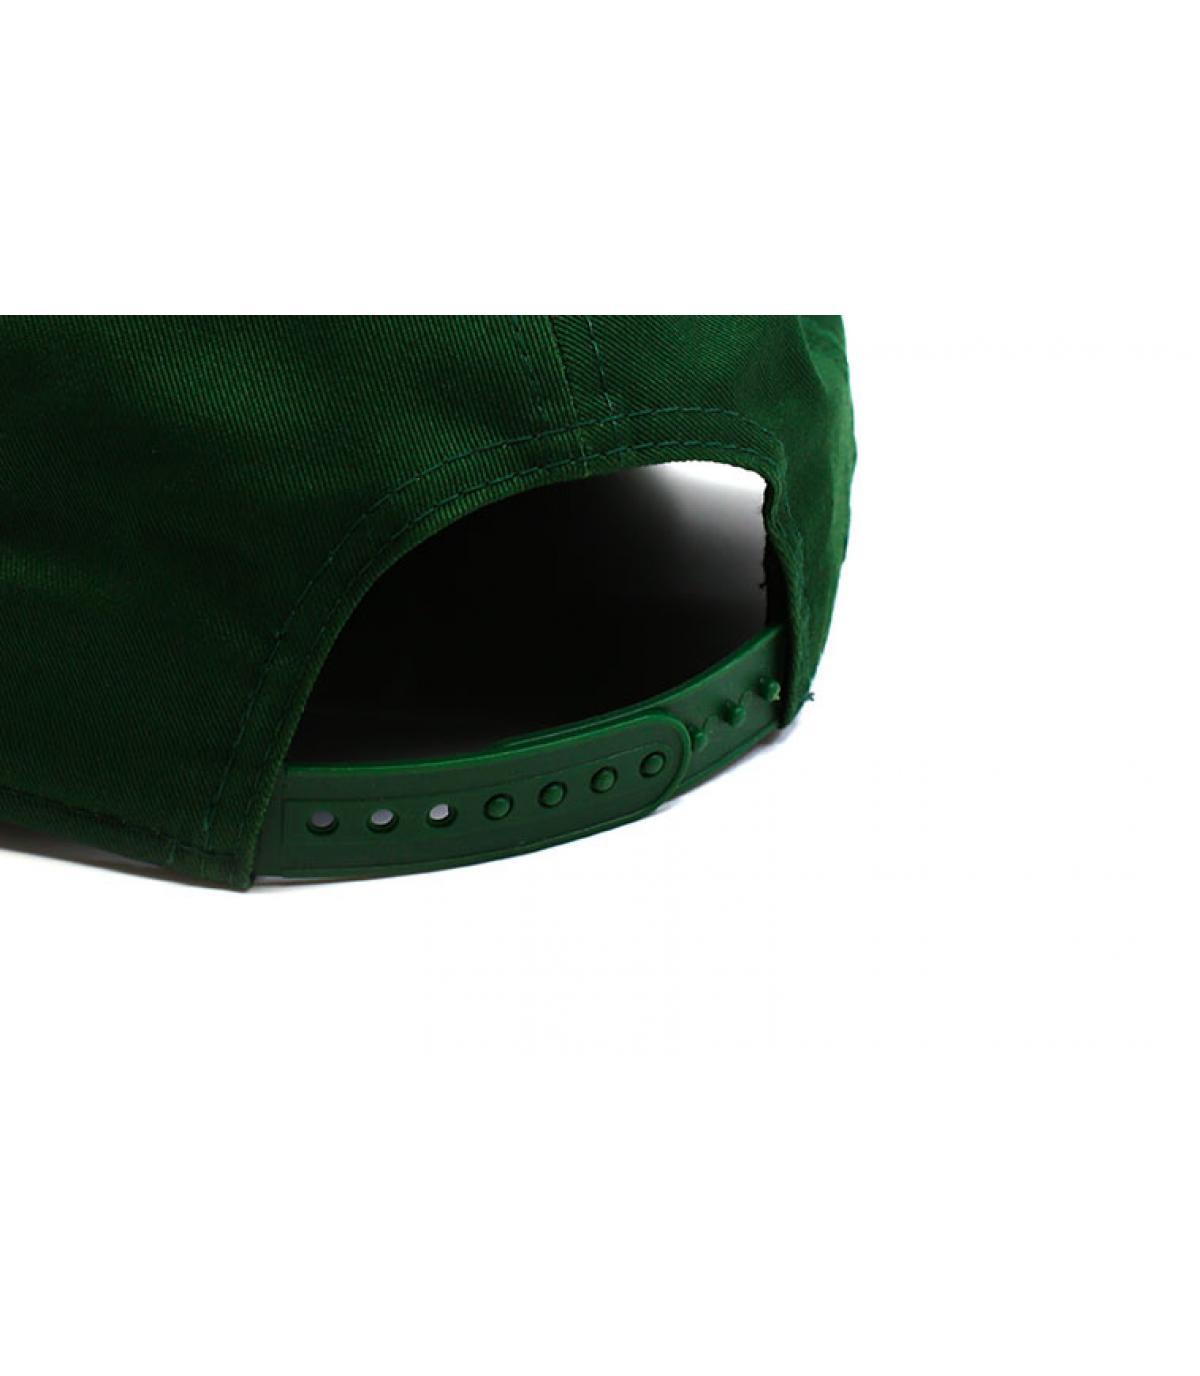 Details Snapback League Ess LA 950 hooley green black - Abbildung 5